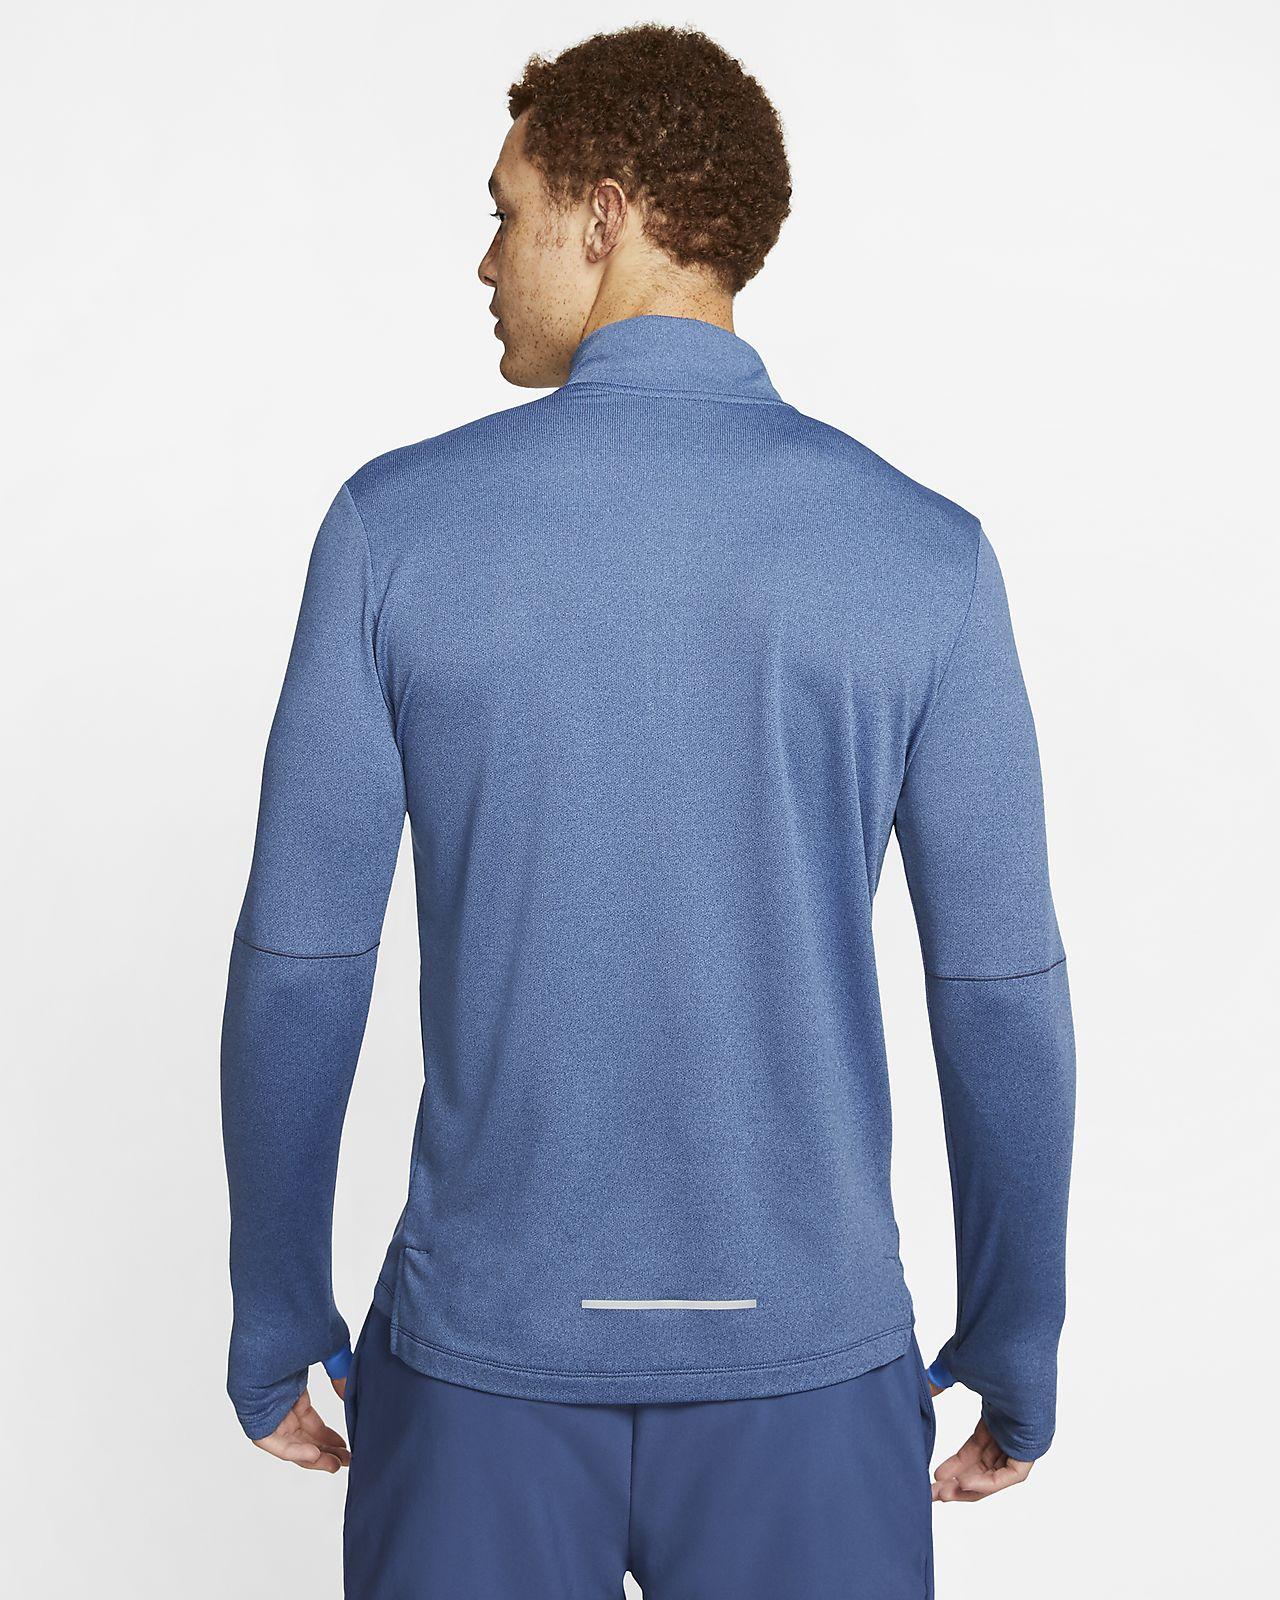 Maglia da running con zip a metà lunghezza Nike 3.0 Uomo